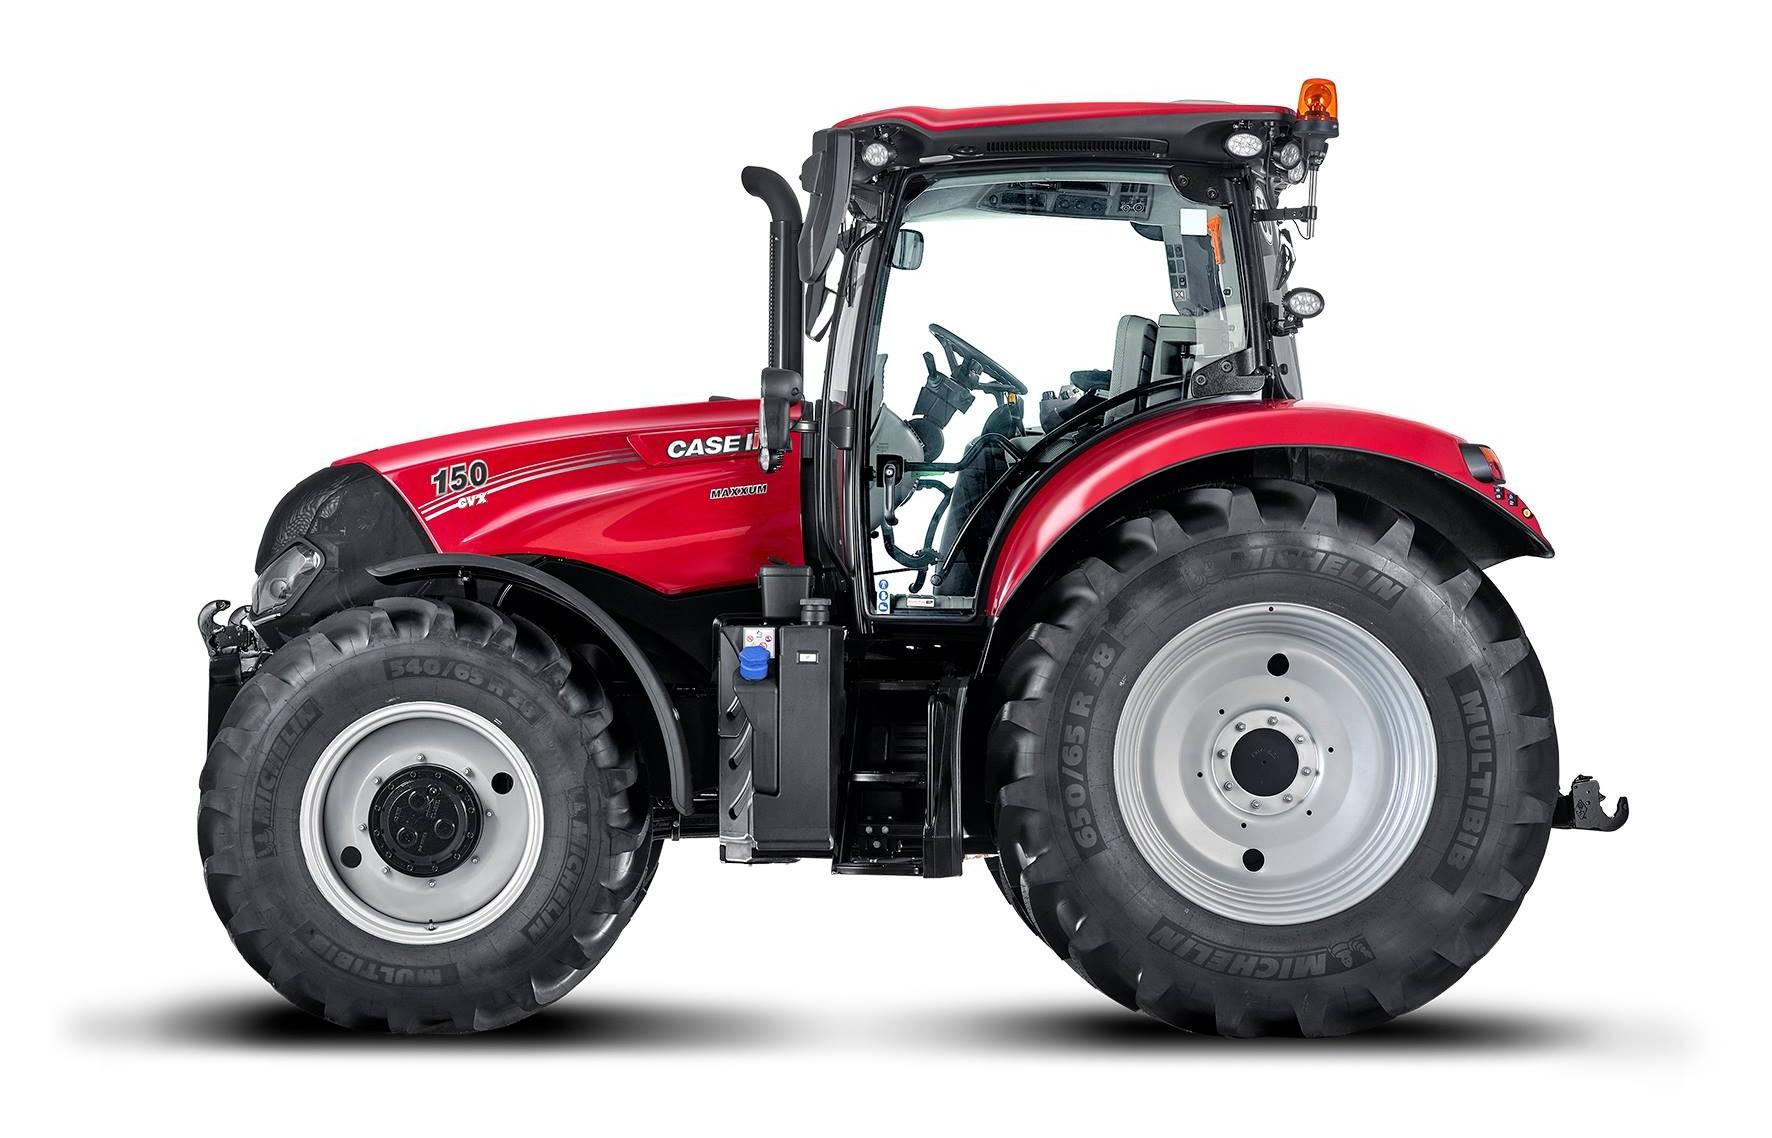 trattore dell'anno 2018 maxxum 150